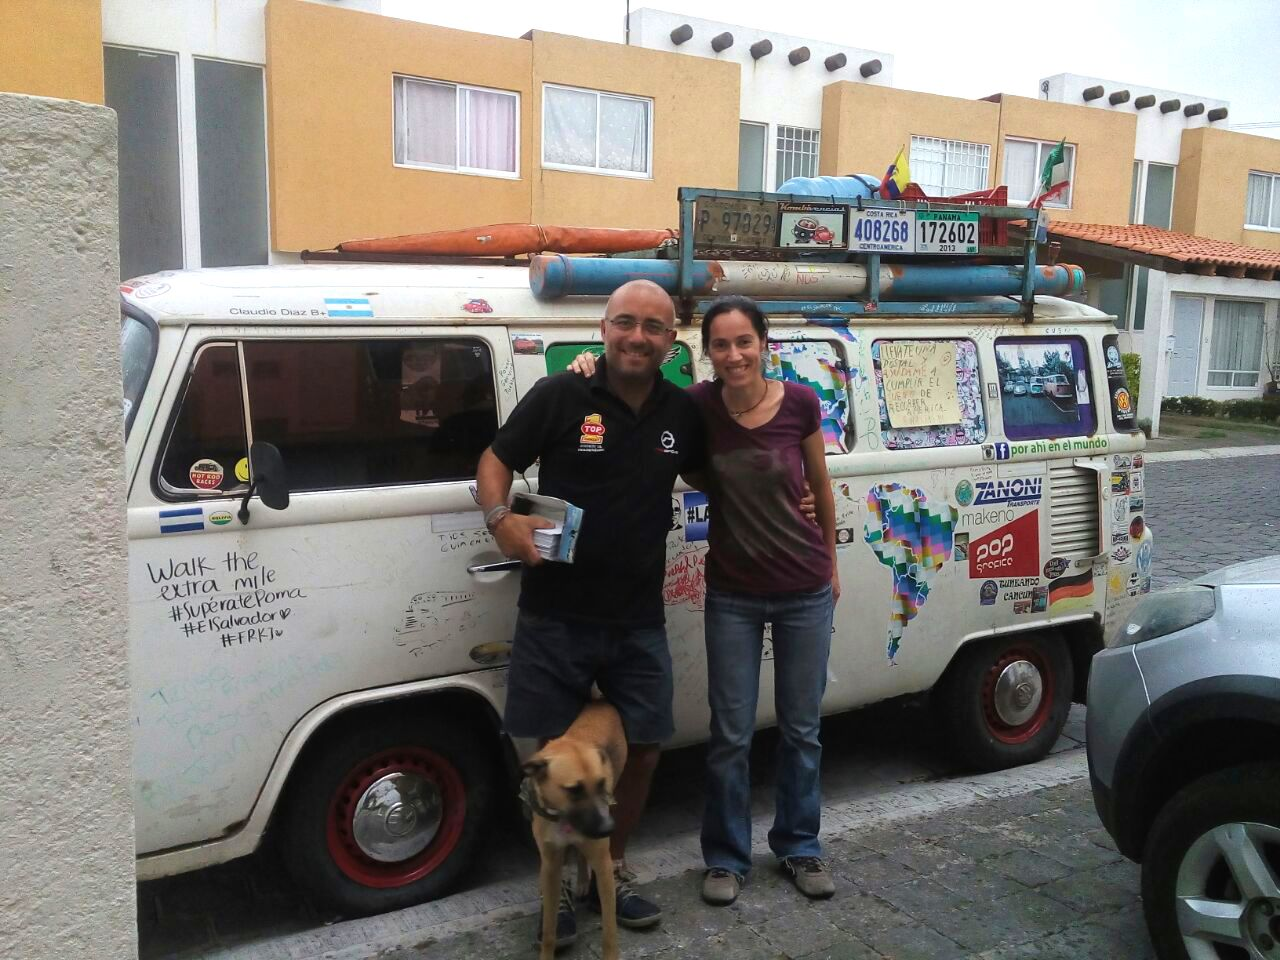 claudio trompa pata de perro blog de viajes puebla mexico